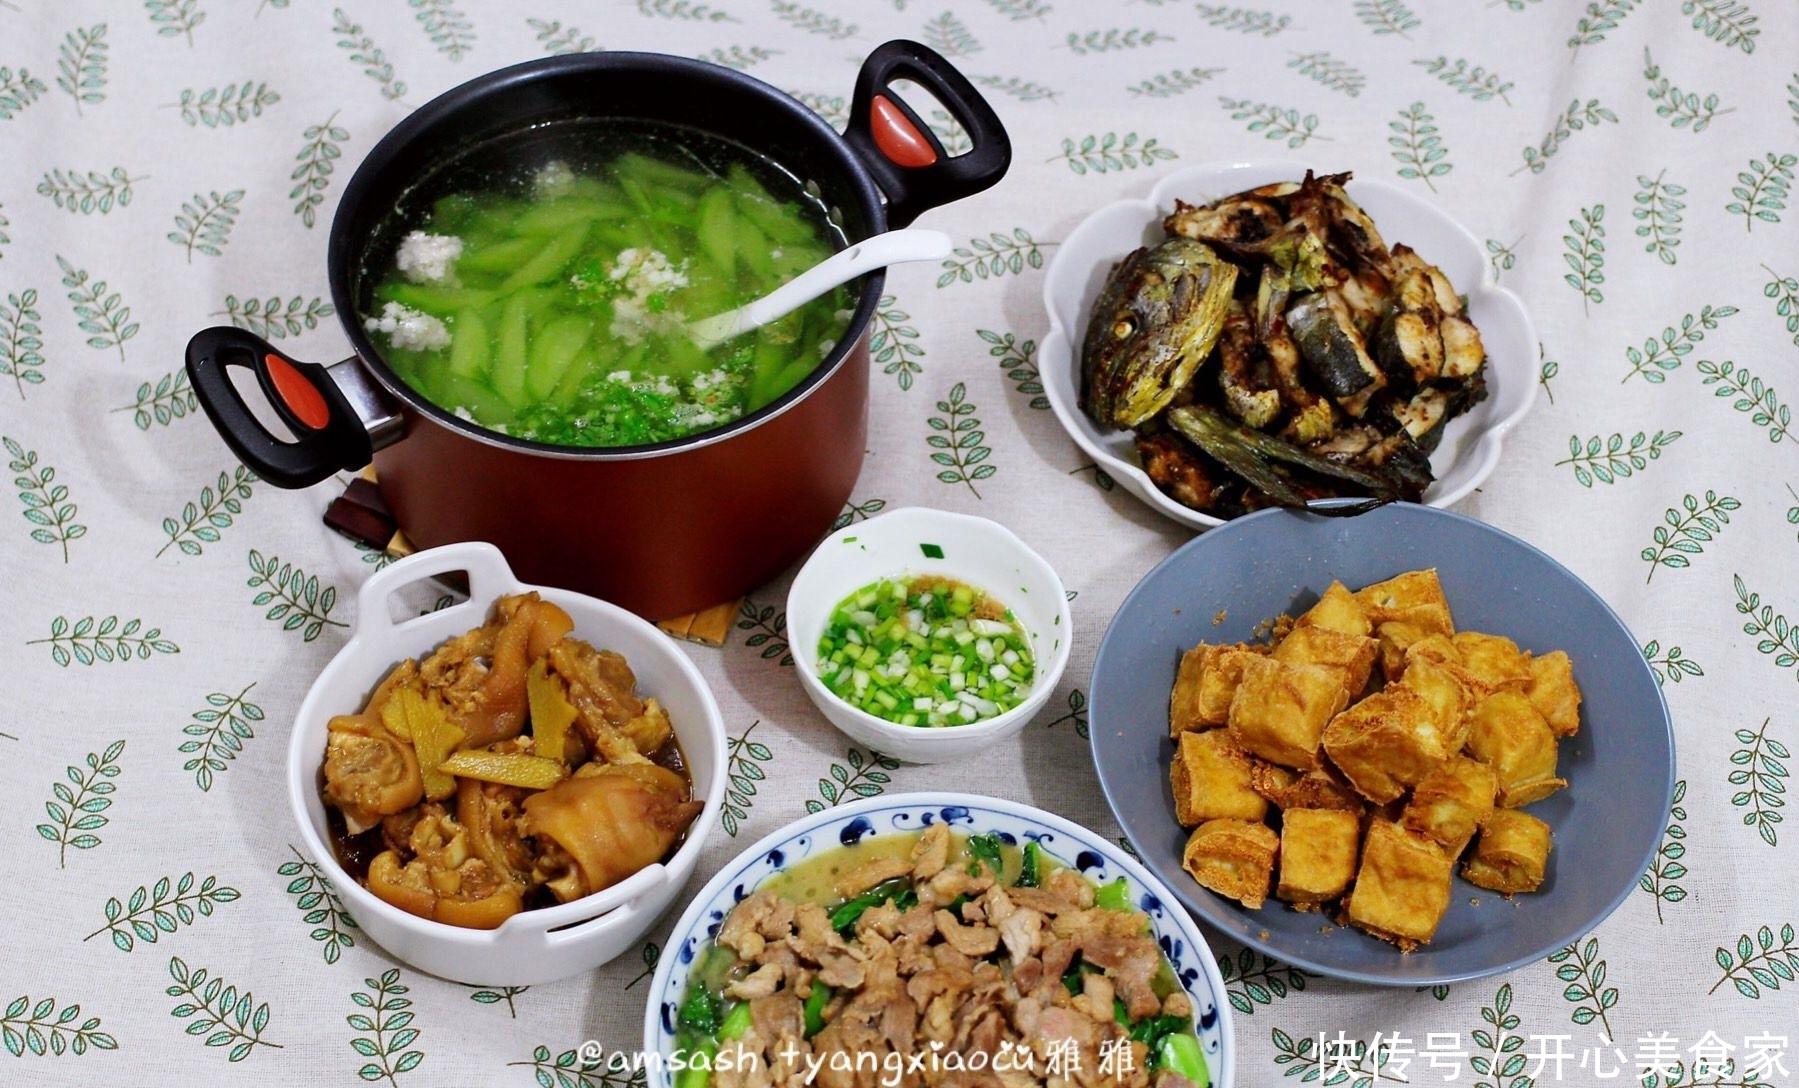 一家五口的家常晚餐,简单易做,营养好吃不贵,下酒又下饭